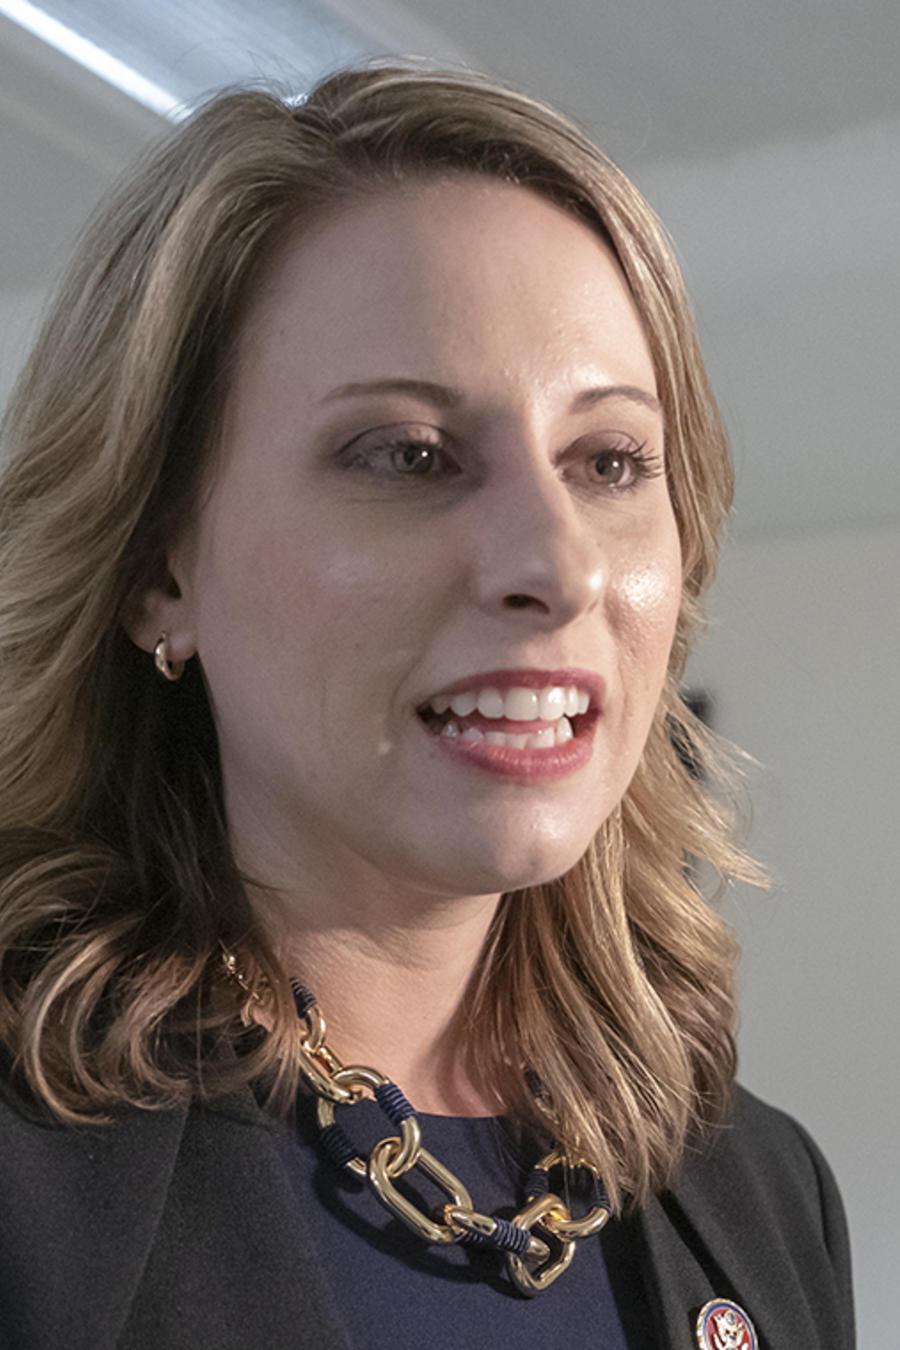 La representante por California, Katie Hill en Washington.